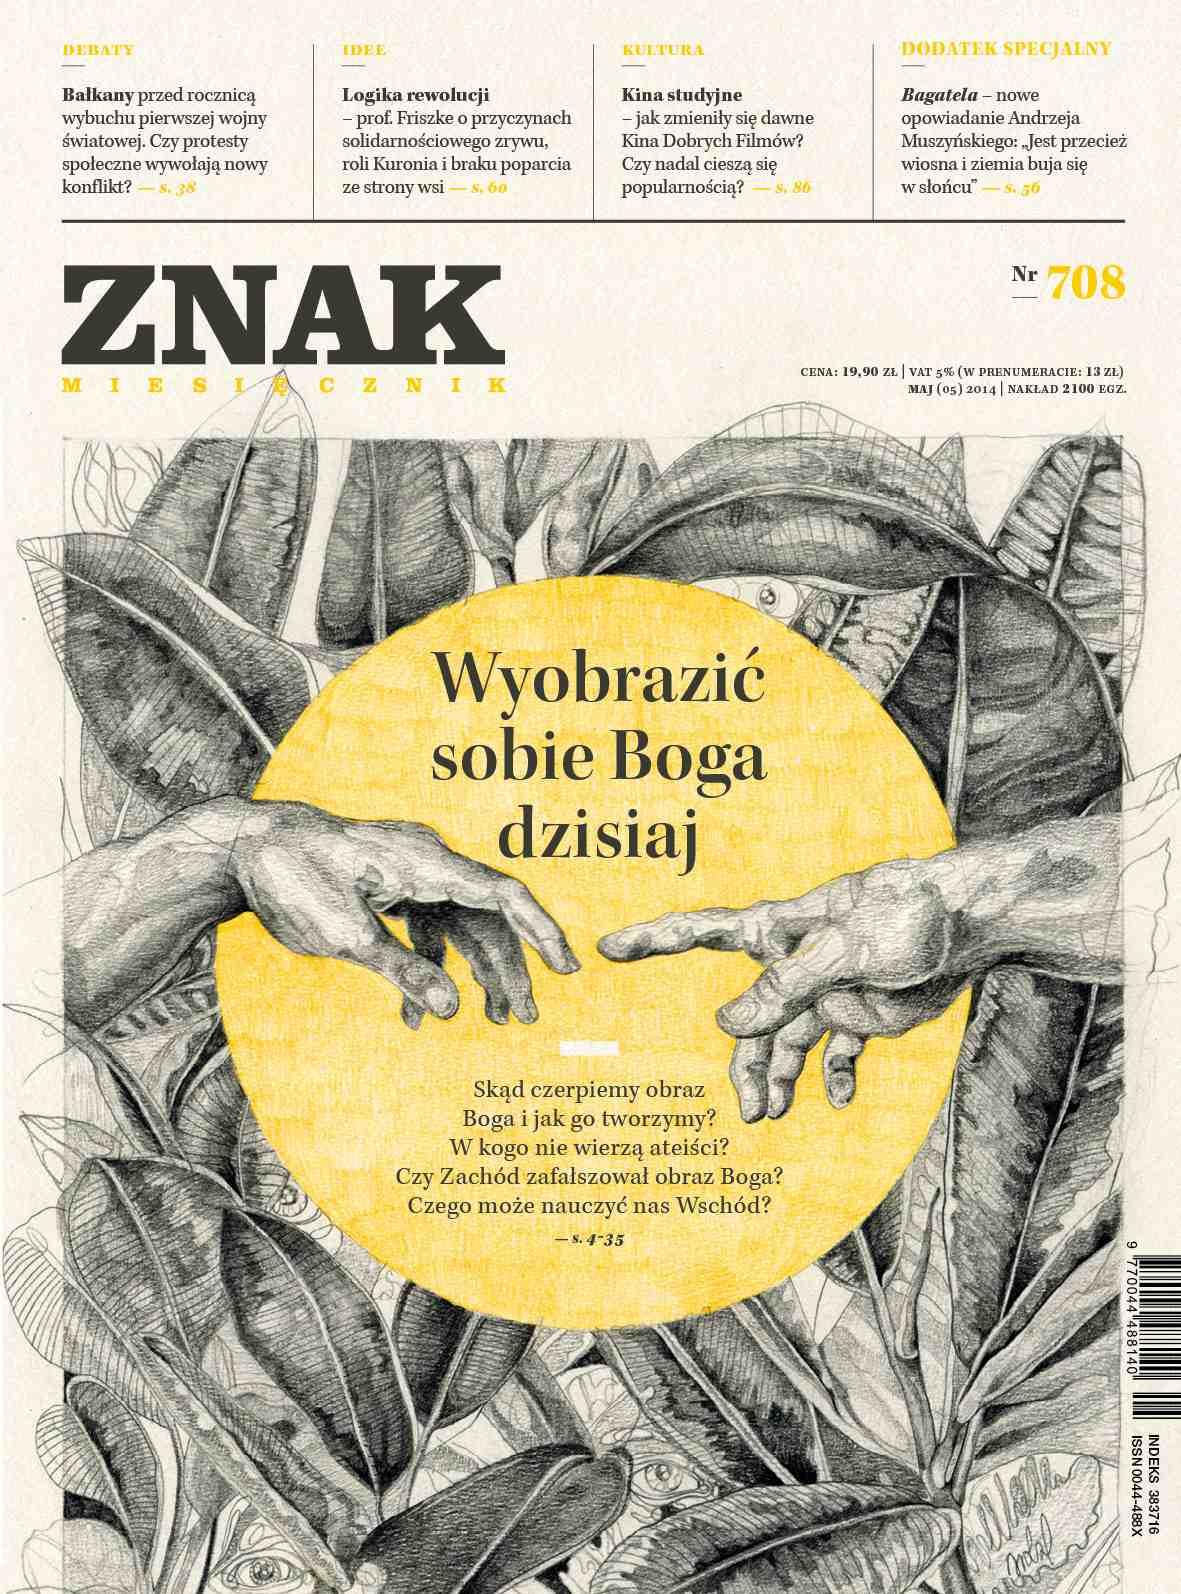 Miesięcznik Znak. Maj 2014 - Ebook (Książka PDF) do pobrania w formacie PDF